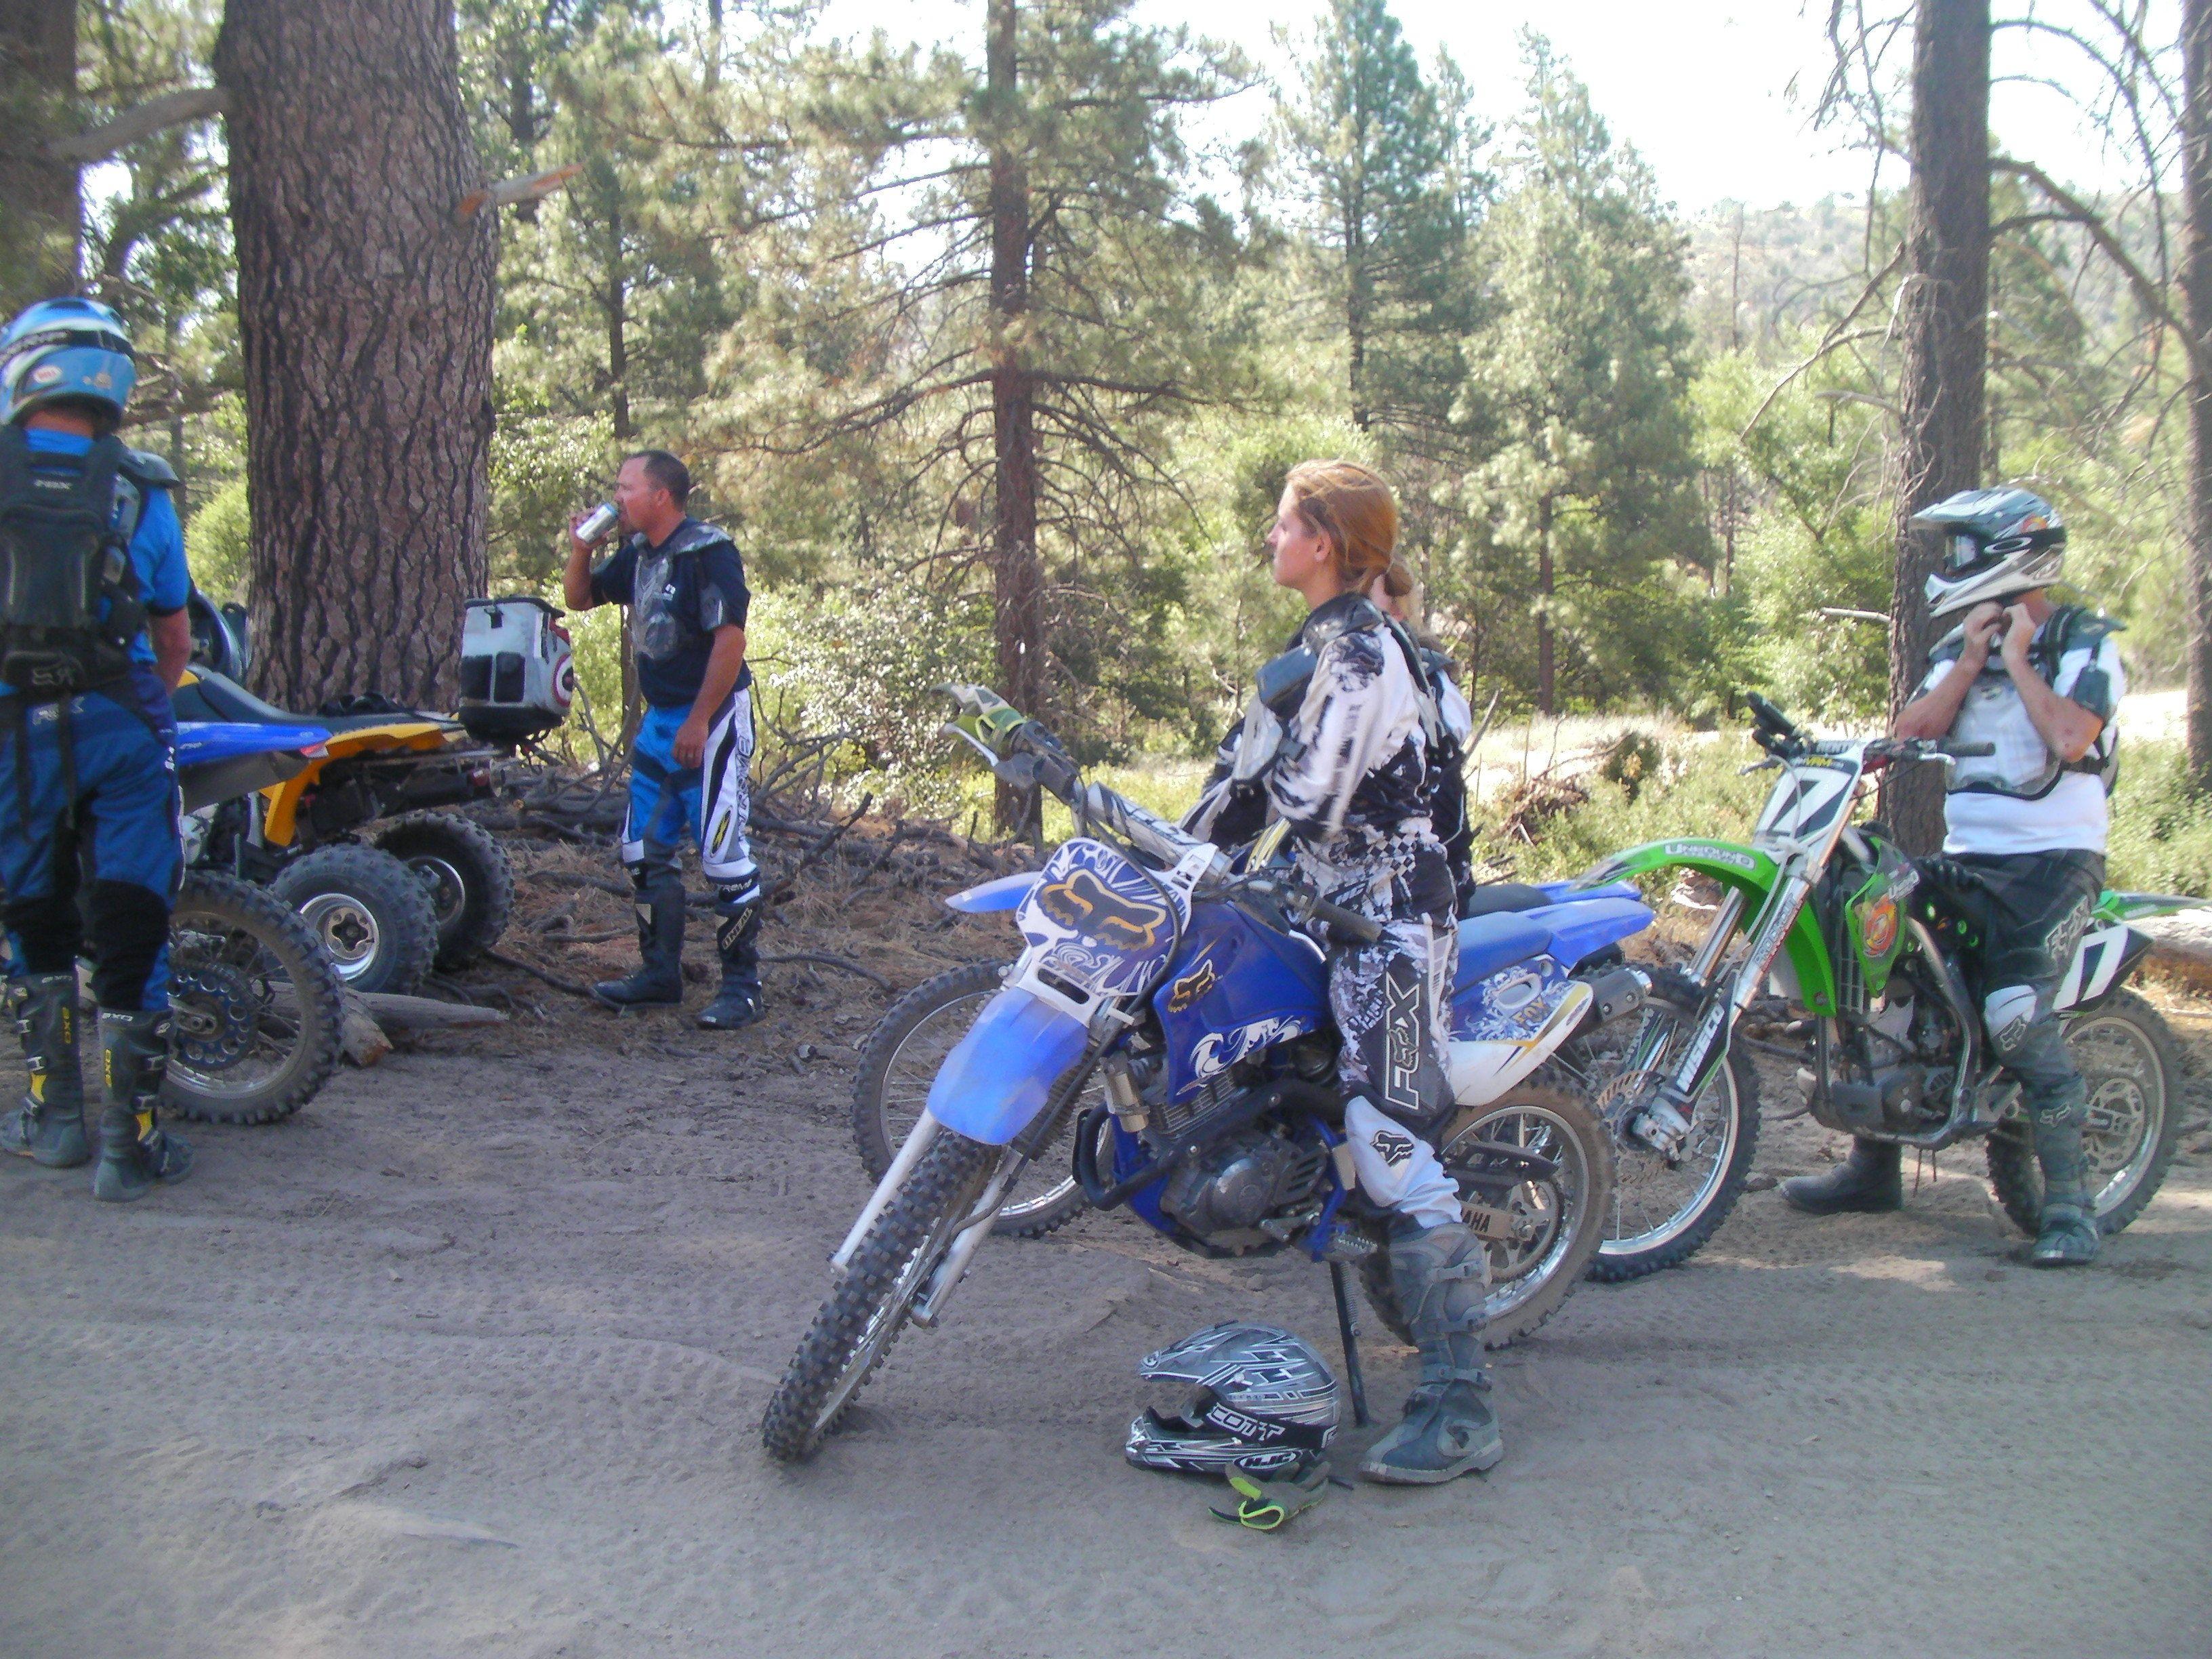 Dirt Bike Meetup Groups Meetup Html Autos Weblog